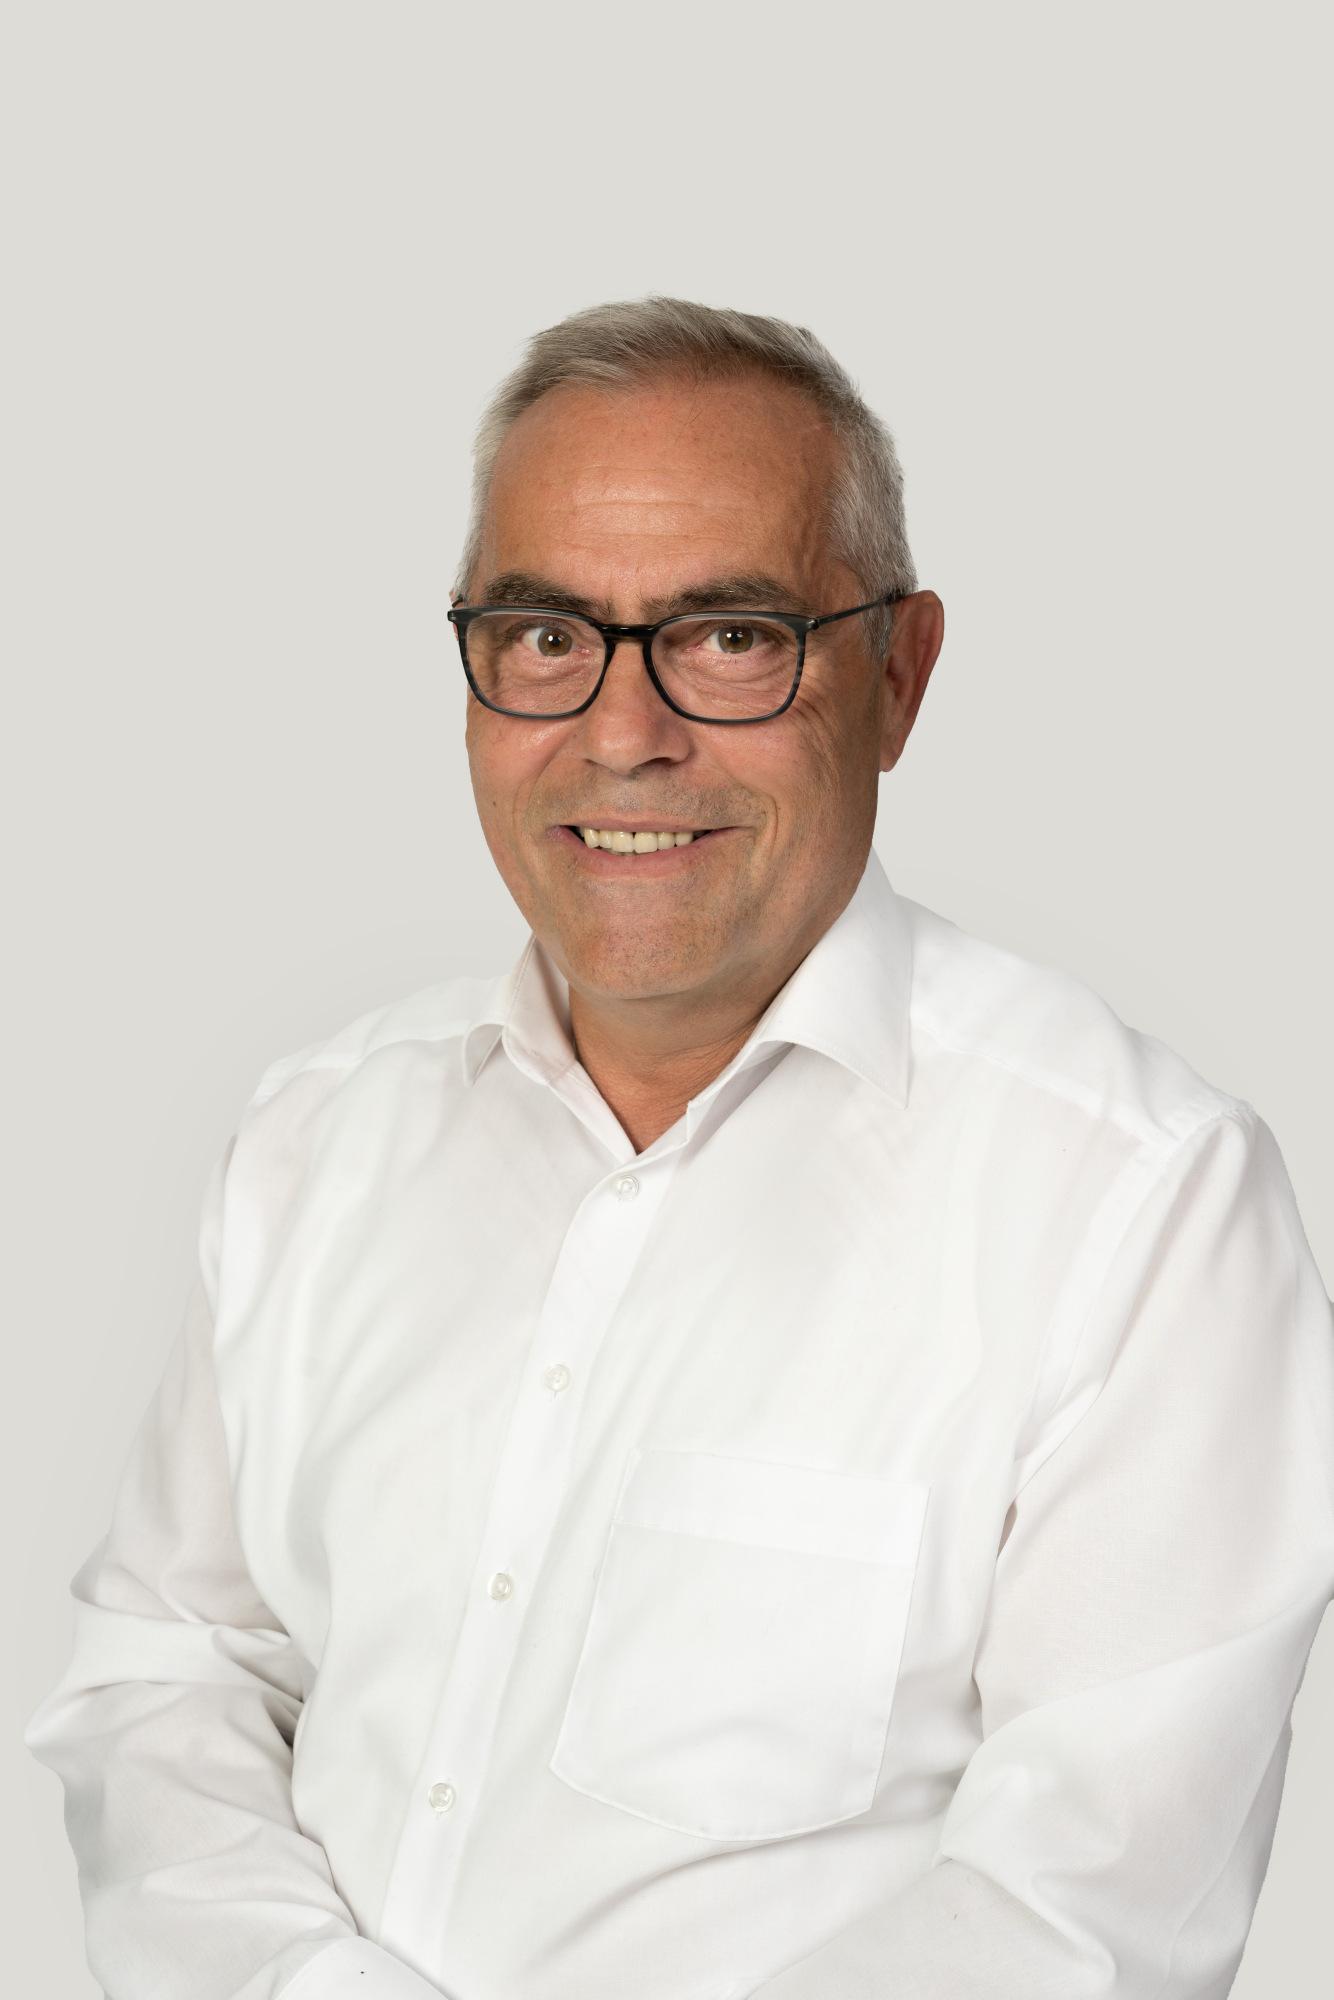 Abbildung von Amedeo Cellucci